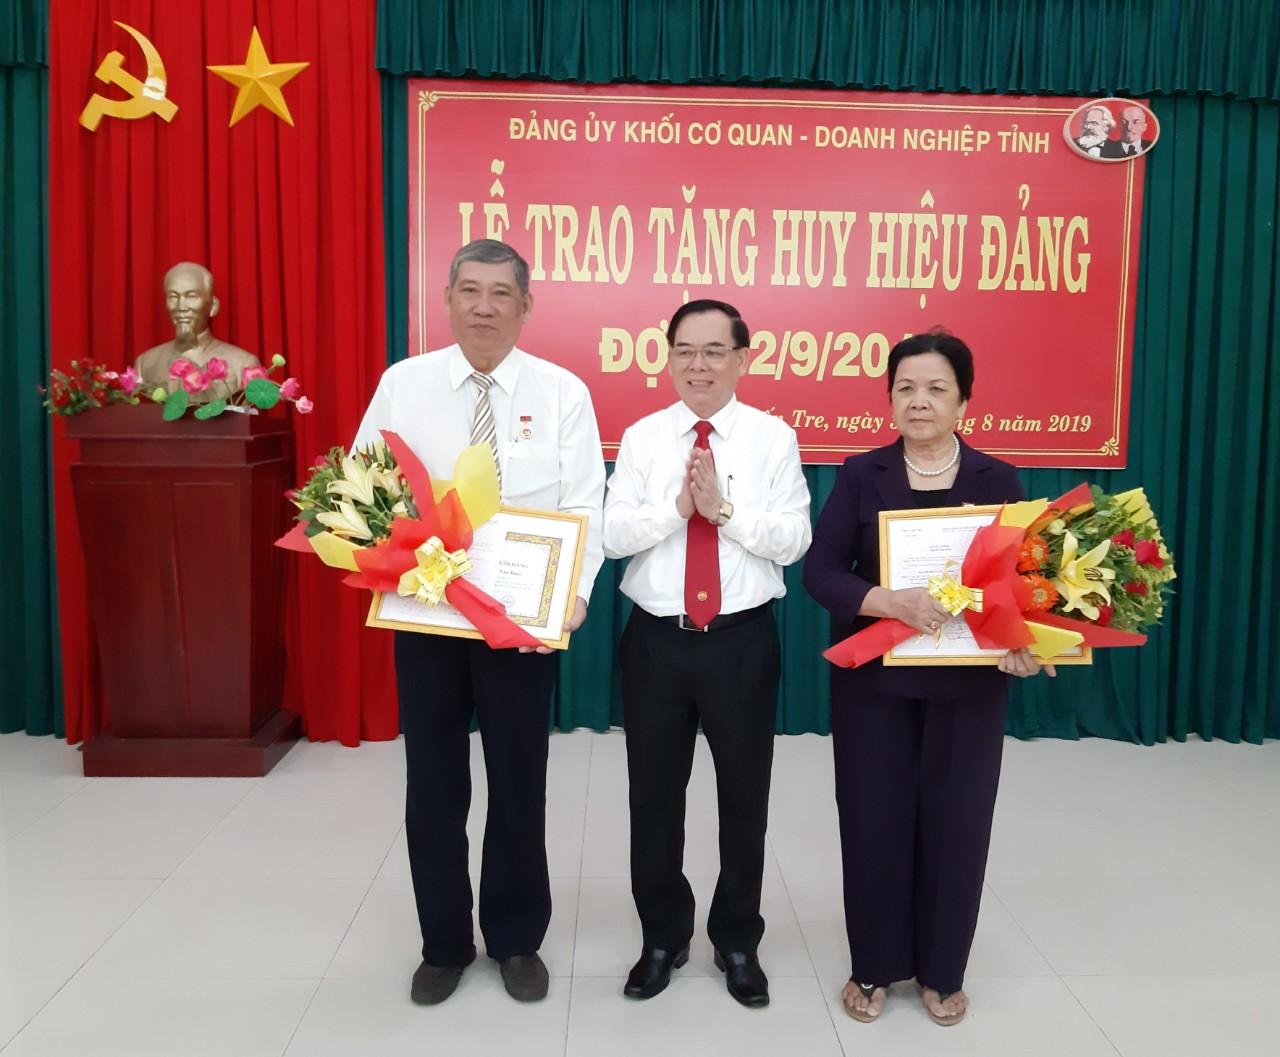 Đảng ủy Khối Cơ quan – Doanh nghiệp tỉnh trao tặng 12 Huy hiệu Đảng đợt 2/9